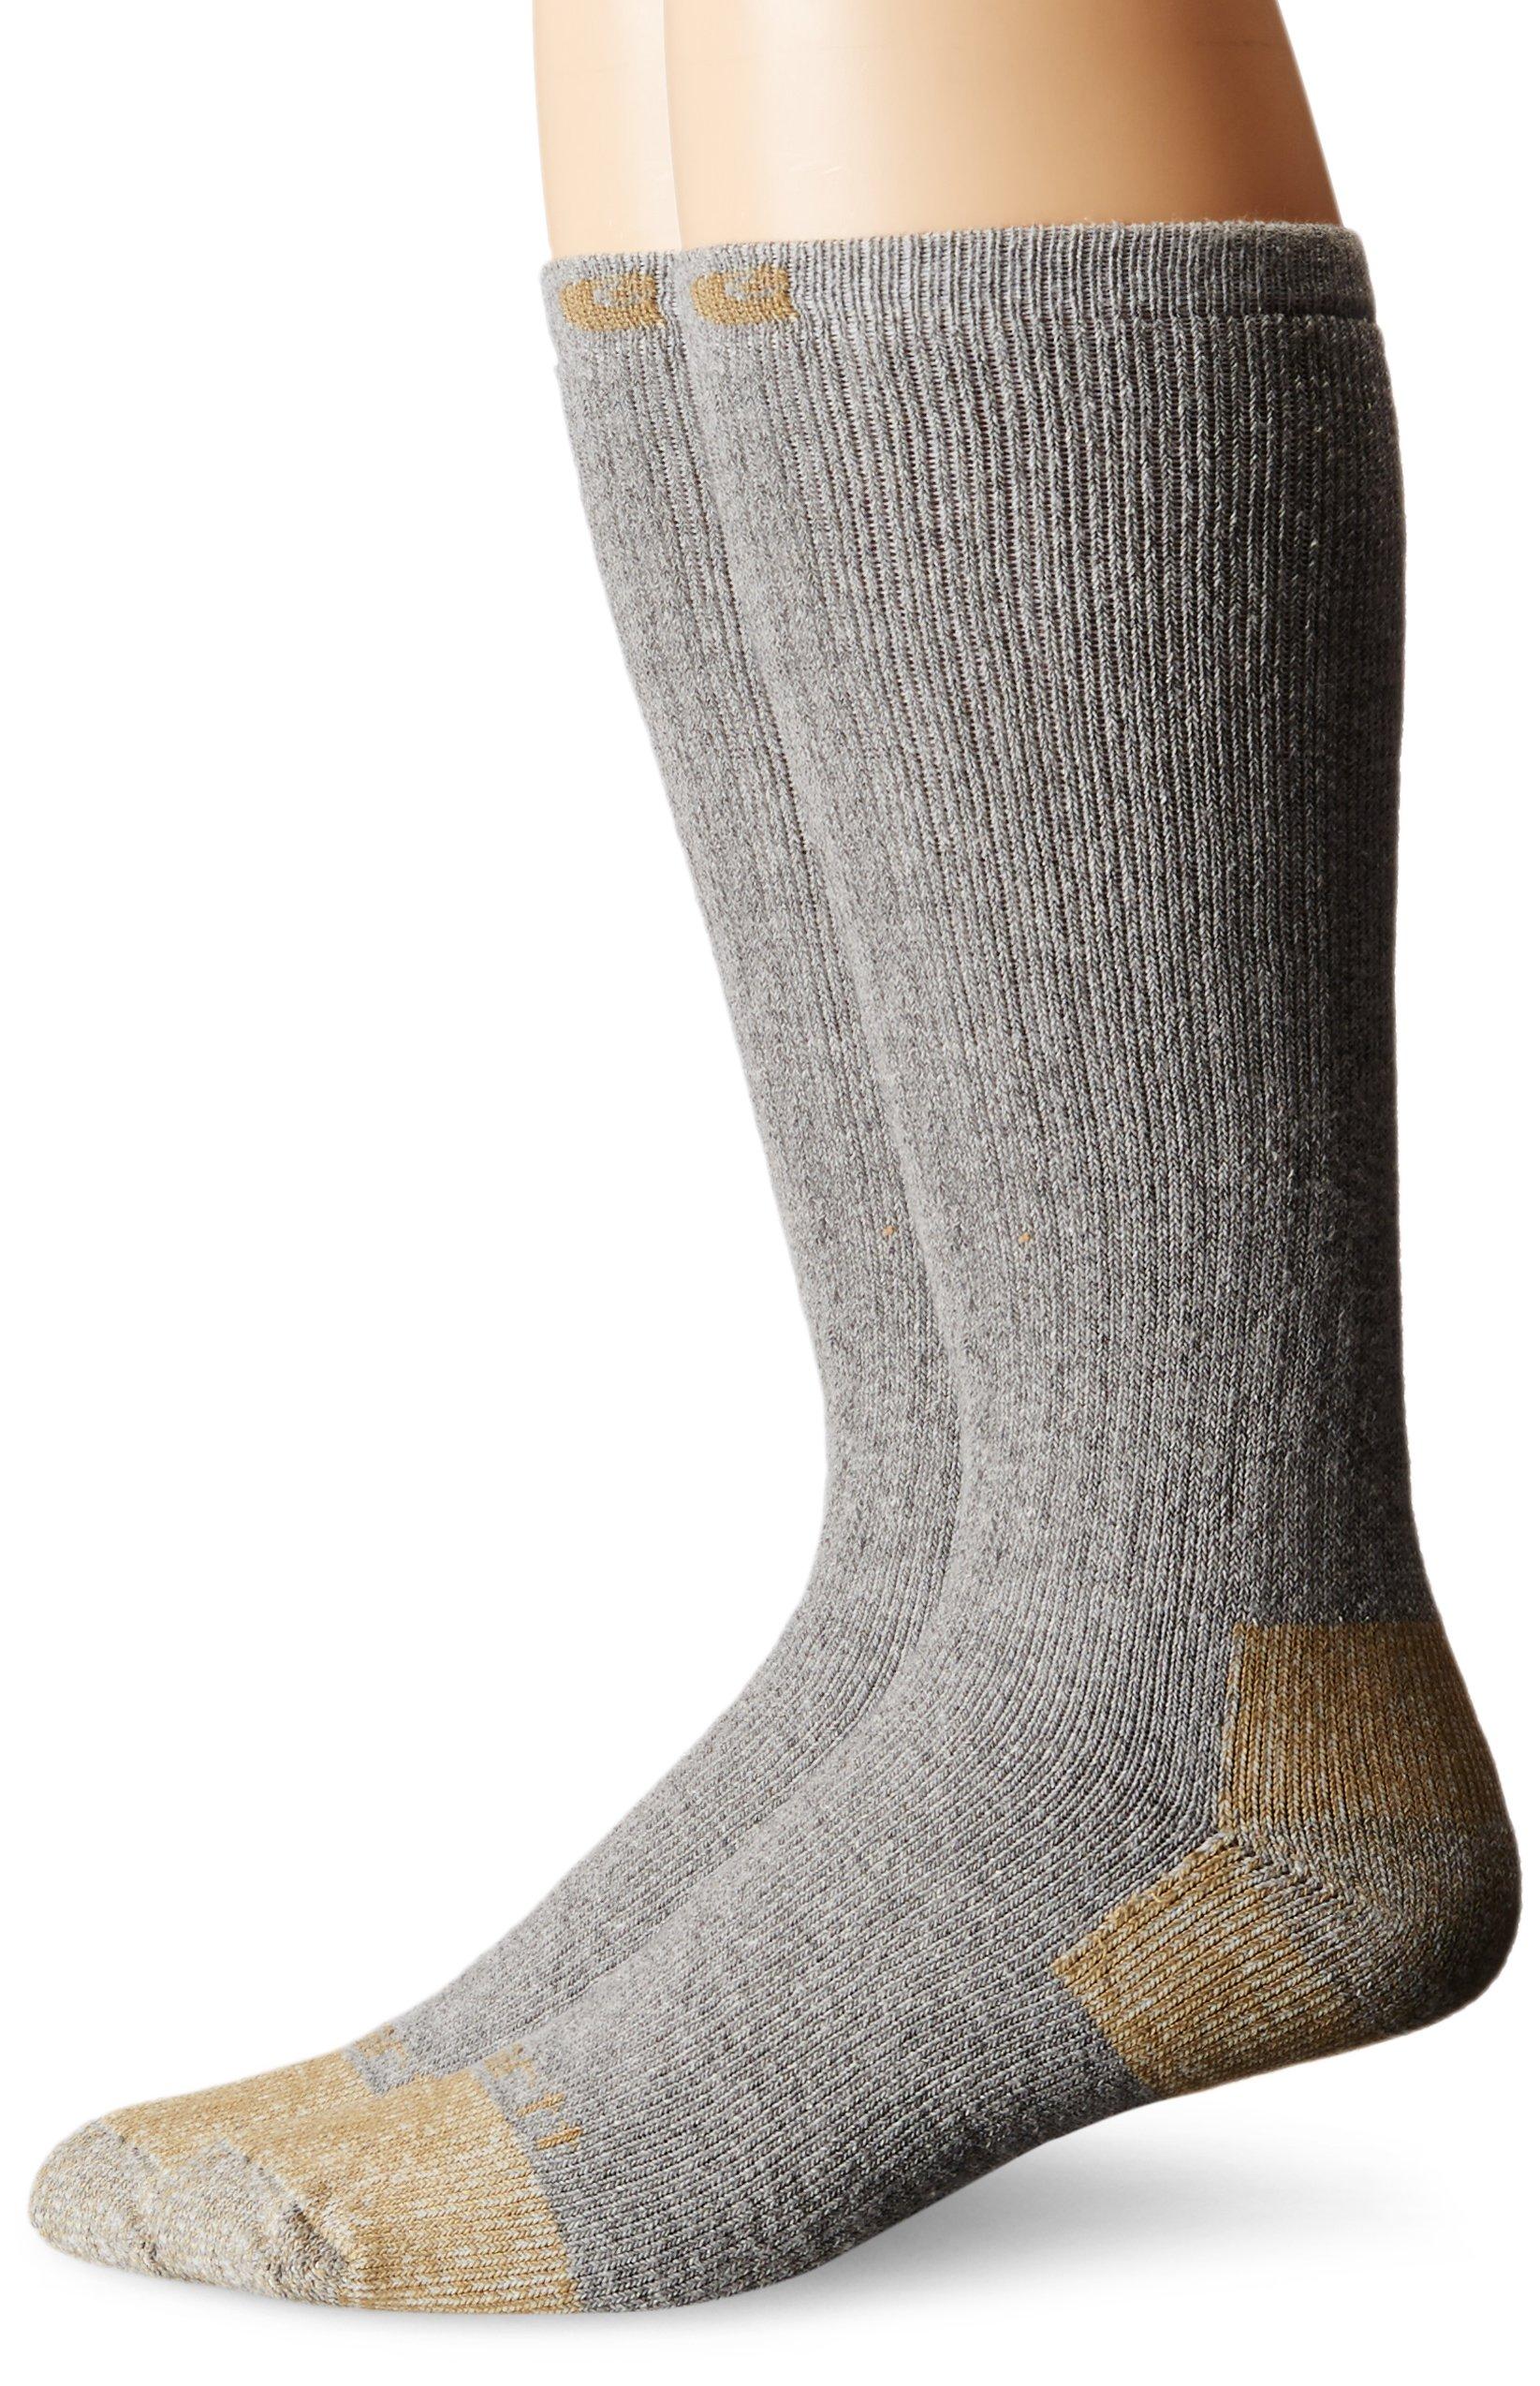 Carhartt Men's 2 Pack All Season Steel-Toe Sock, Gray, Large(Shoe Size:6-12/Sock Size: 10-13)